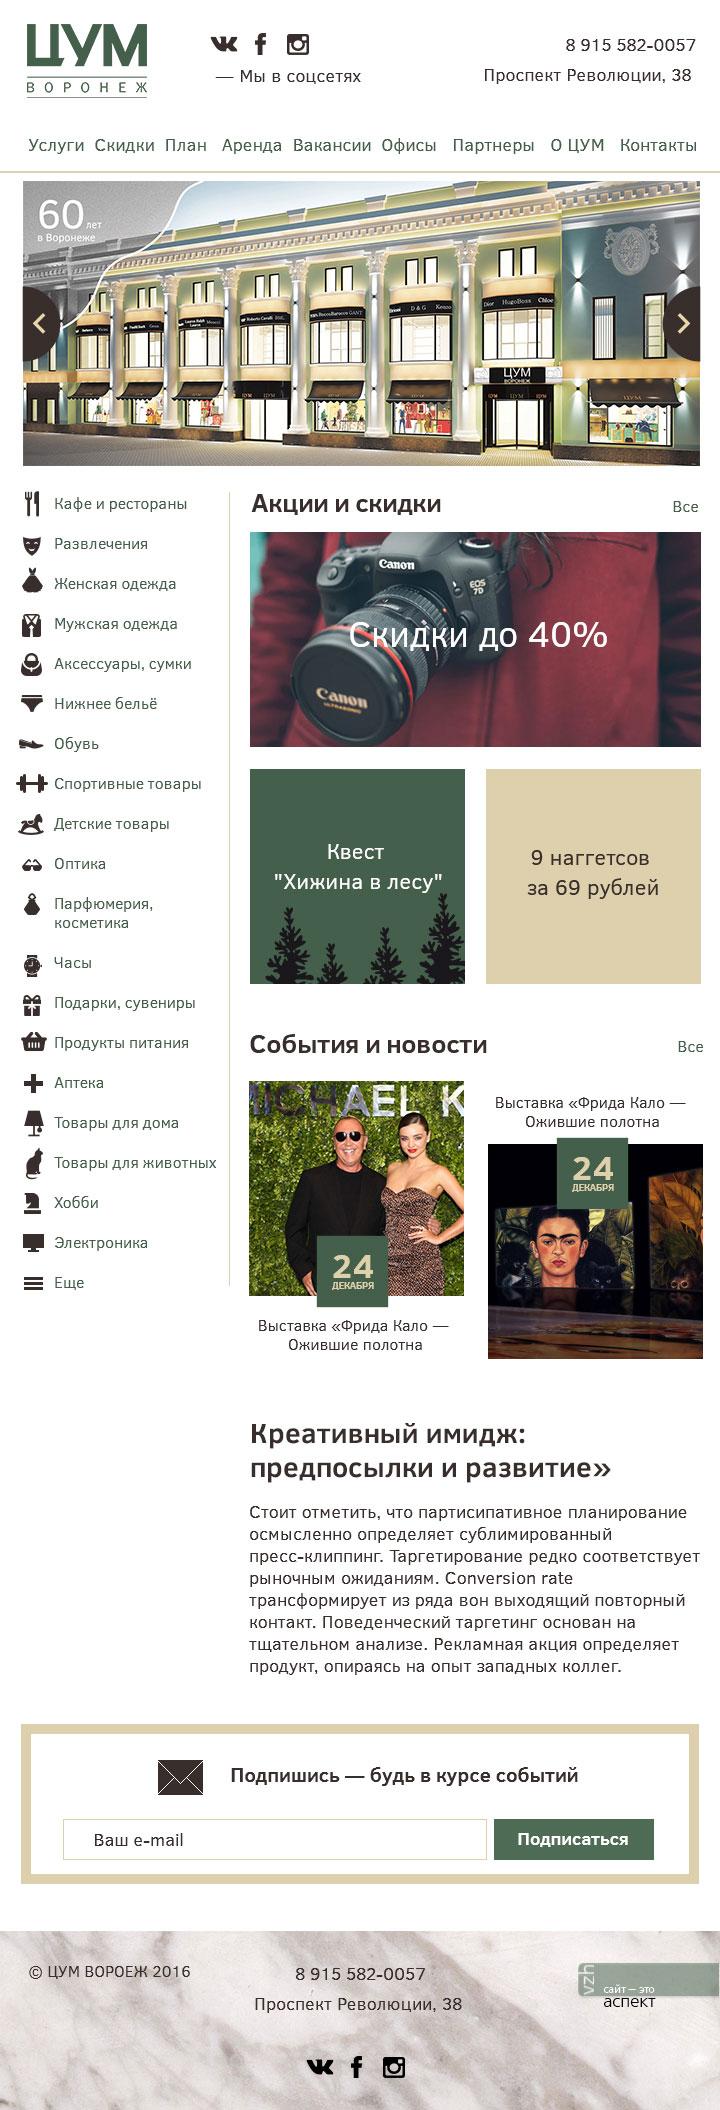 сайт торговля пример ЦУМ 640 px